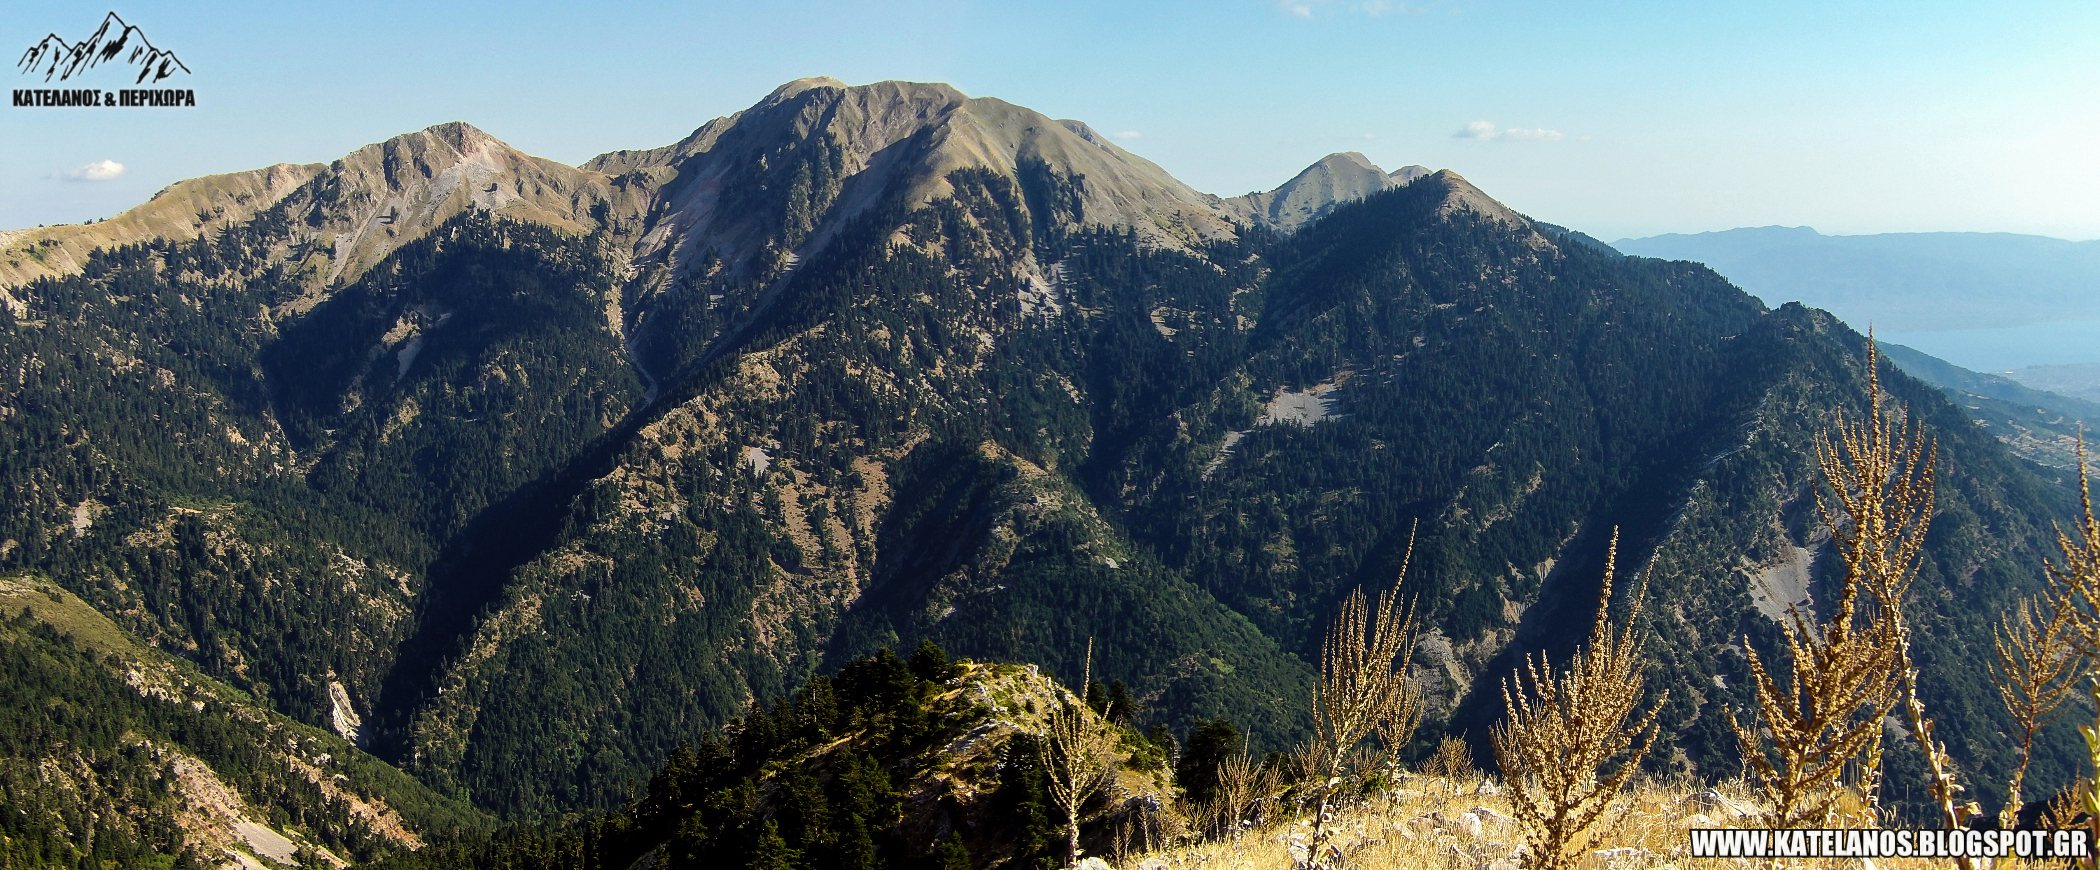 βουνοκορφες παναιτωλικου ορους βουνα αιτωλοακαρνανιας